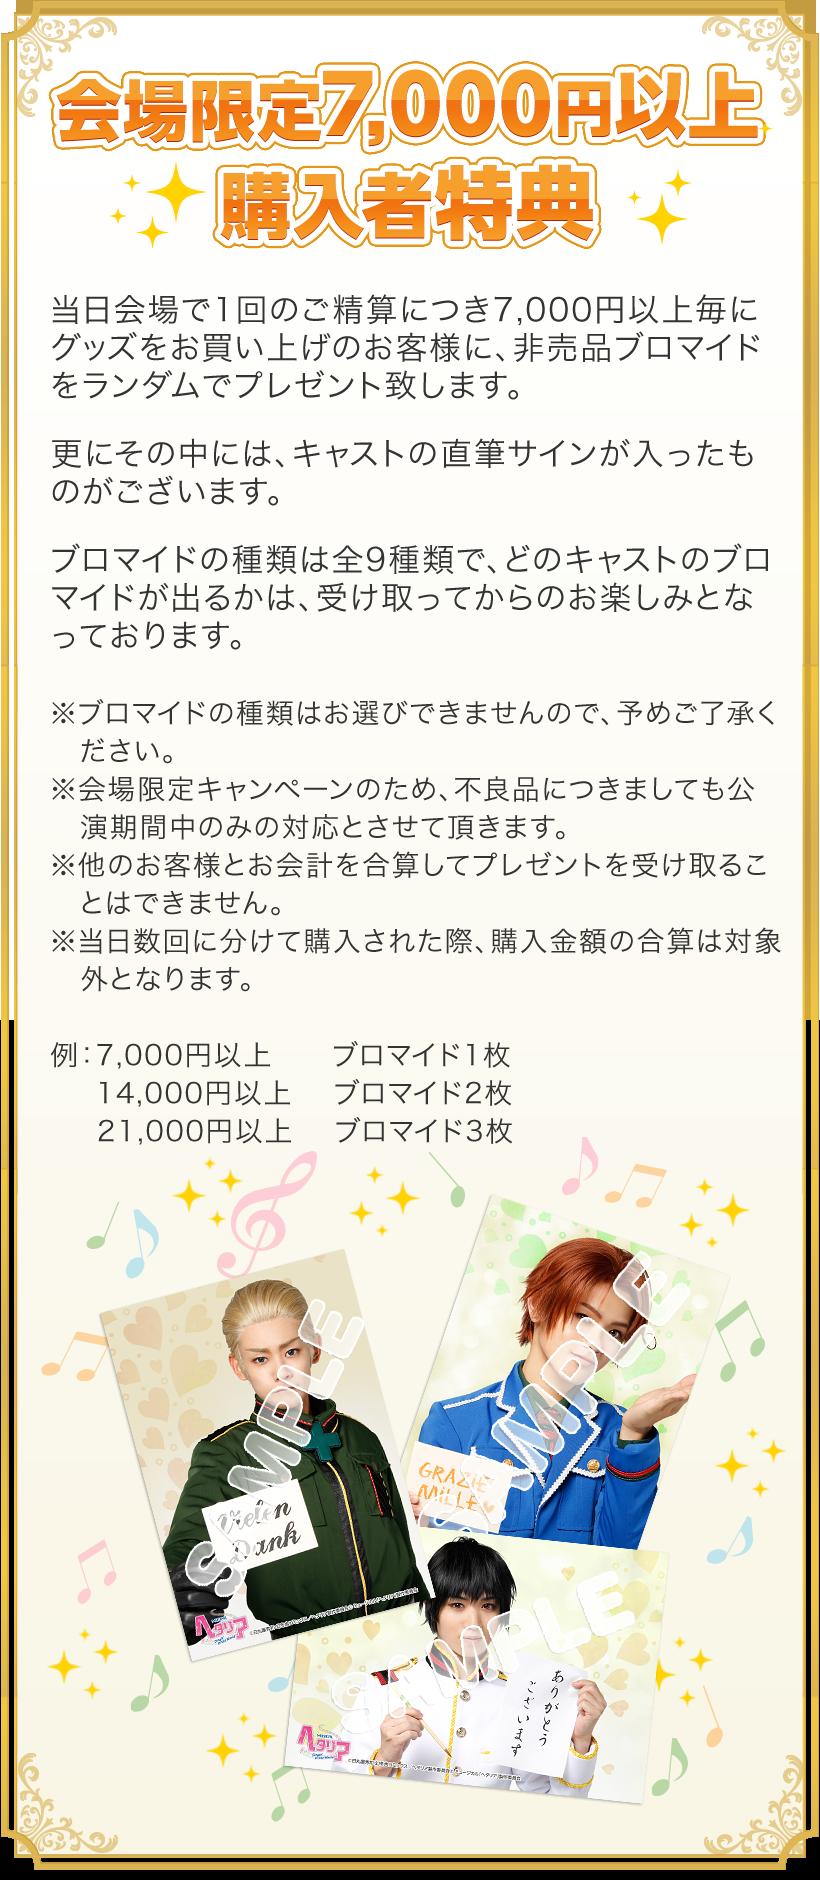 7,000円以上購入者特典ブロマイド